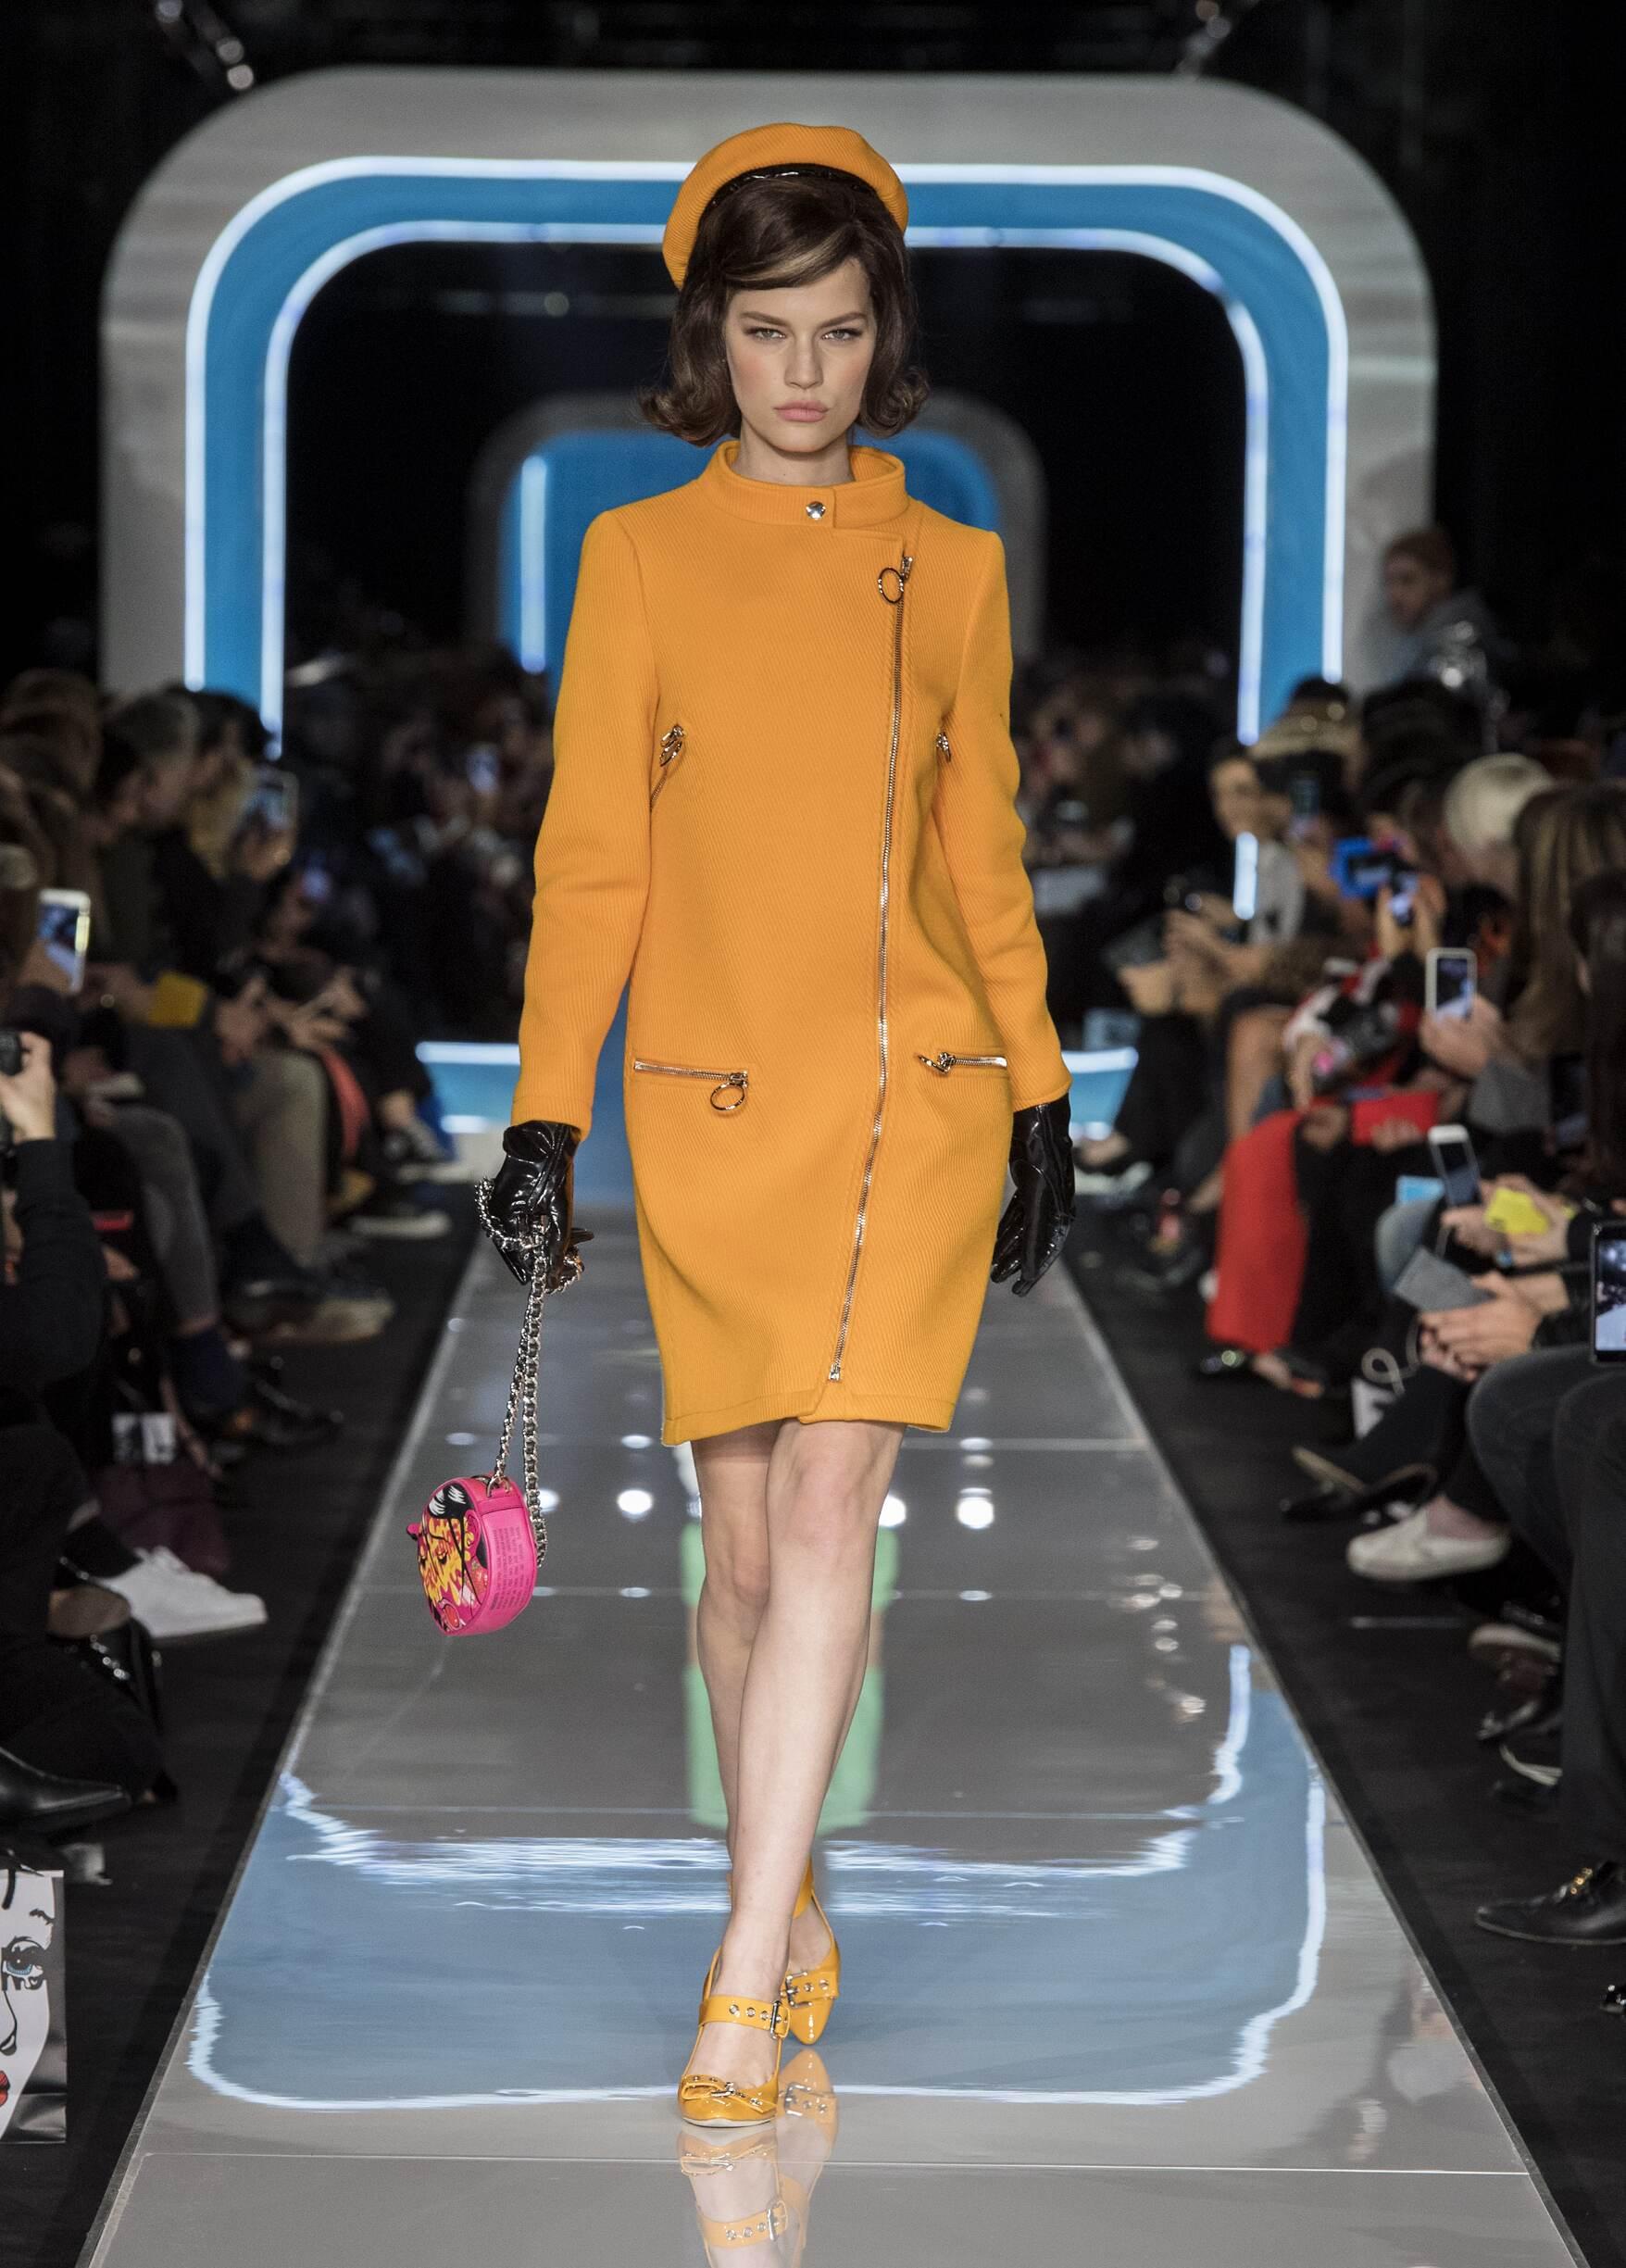 FW 2018-19 Moschino Fashion Show